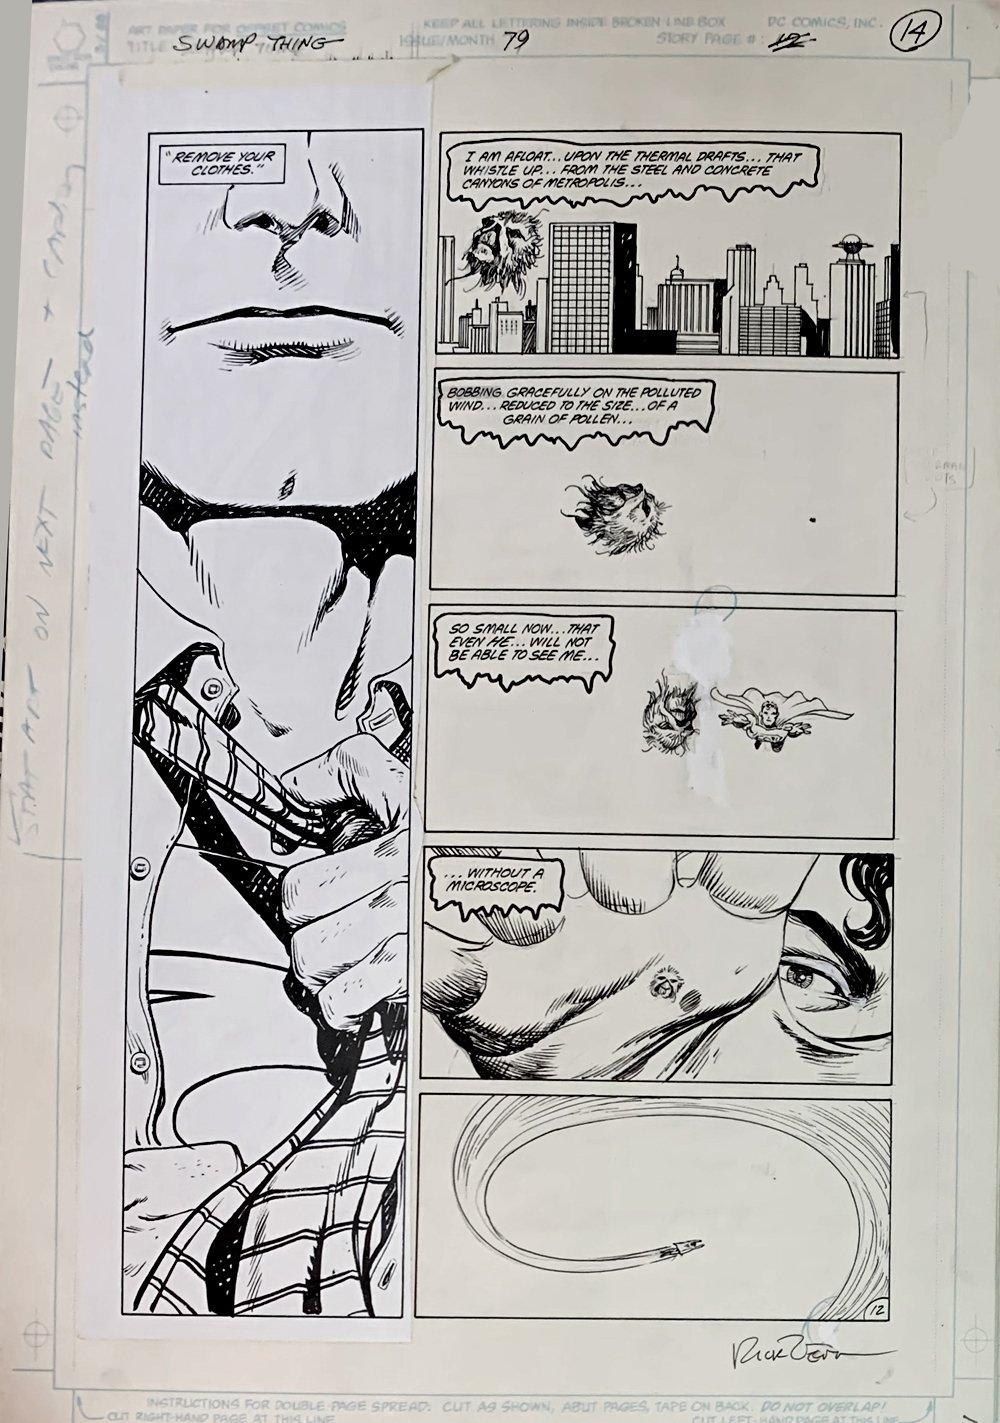 Swamp Thing #79 p 12 (SUPERMAN & Swamp Thing!) Large Art - 1988